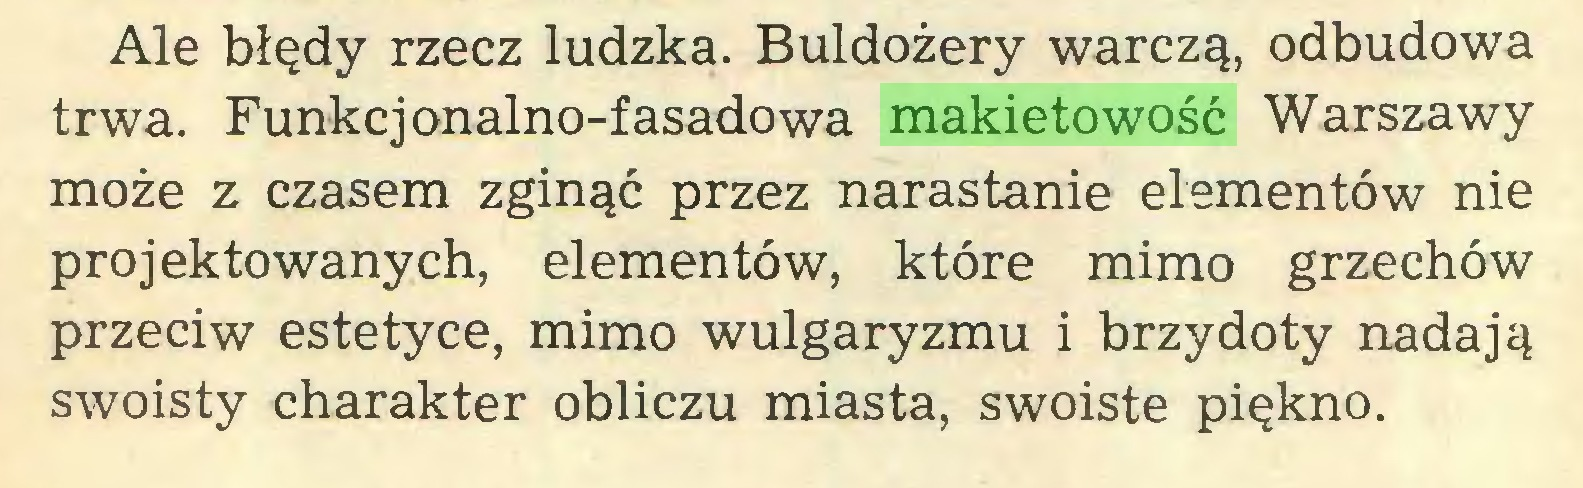 (...) Ale błędy rzecz ludzka. Buldożery warczą, odbudowa trwa. Funkcjonalno-fasadowa makietowość Warszawy może z czasem zginąć przez narastanie elementów nie projektowanych, elementów, które mimo grzechów przeciw estetyce, mimo wulgaryzmu i brzydoty nadają swoisty charakter obliczu miasta, swoiste piękno...